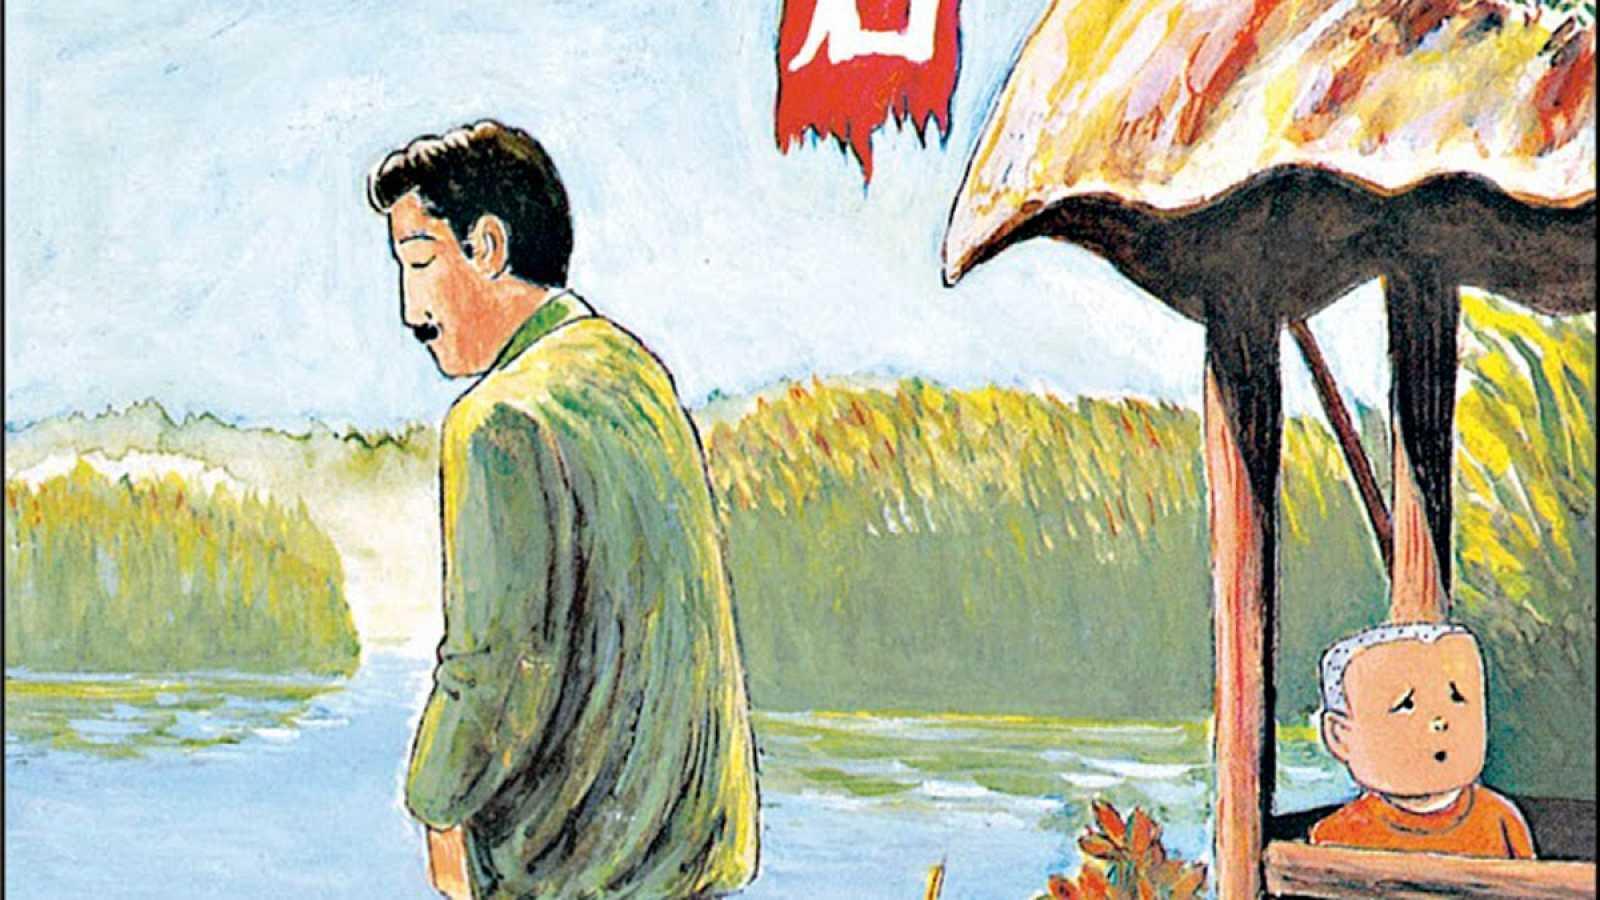 """La hora del bocadillo - """"El hombre sin talento"""" de Tsuge con Álvaro Pons - 21/11/15 - escuchar ahora"""